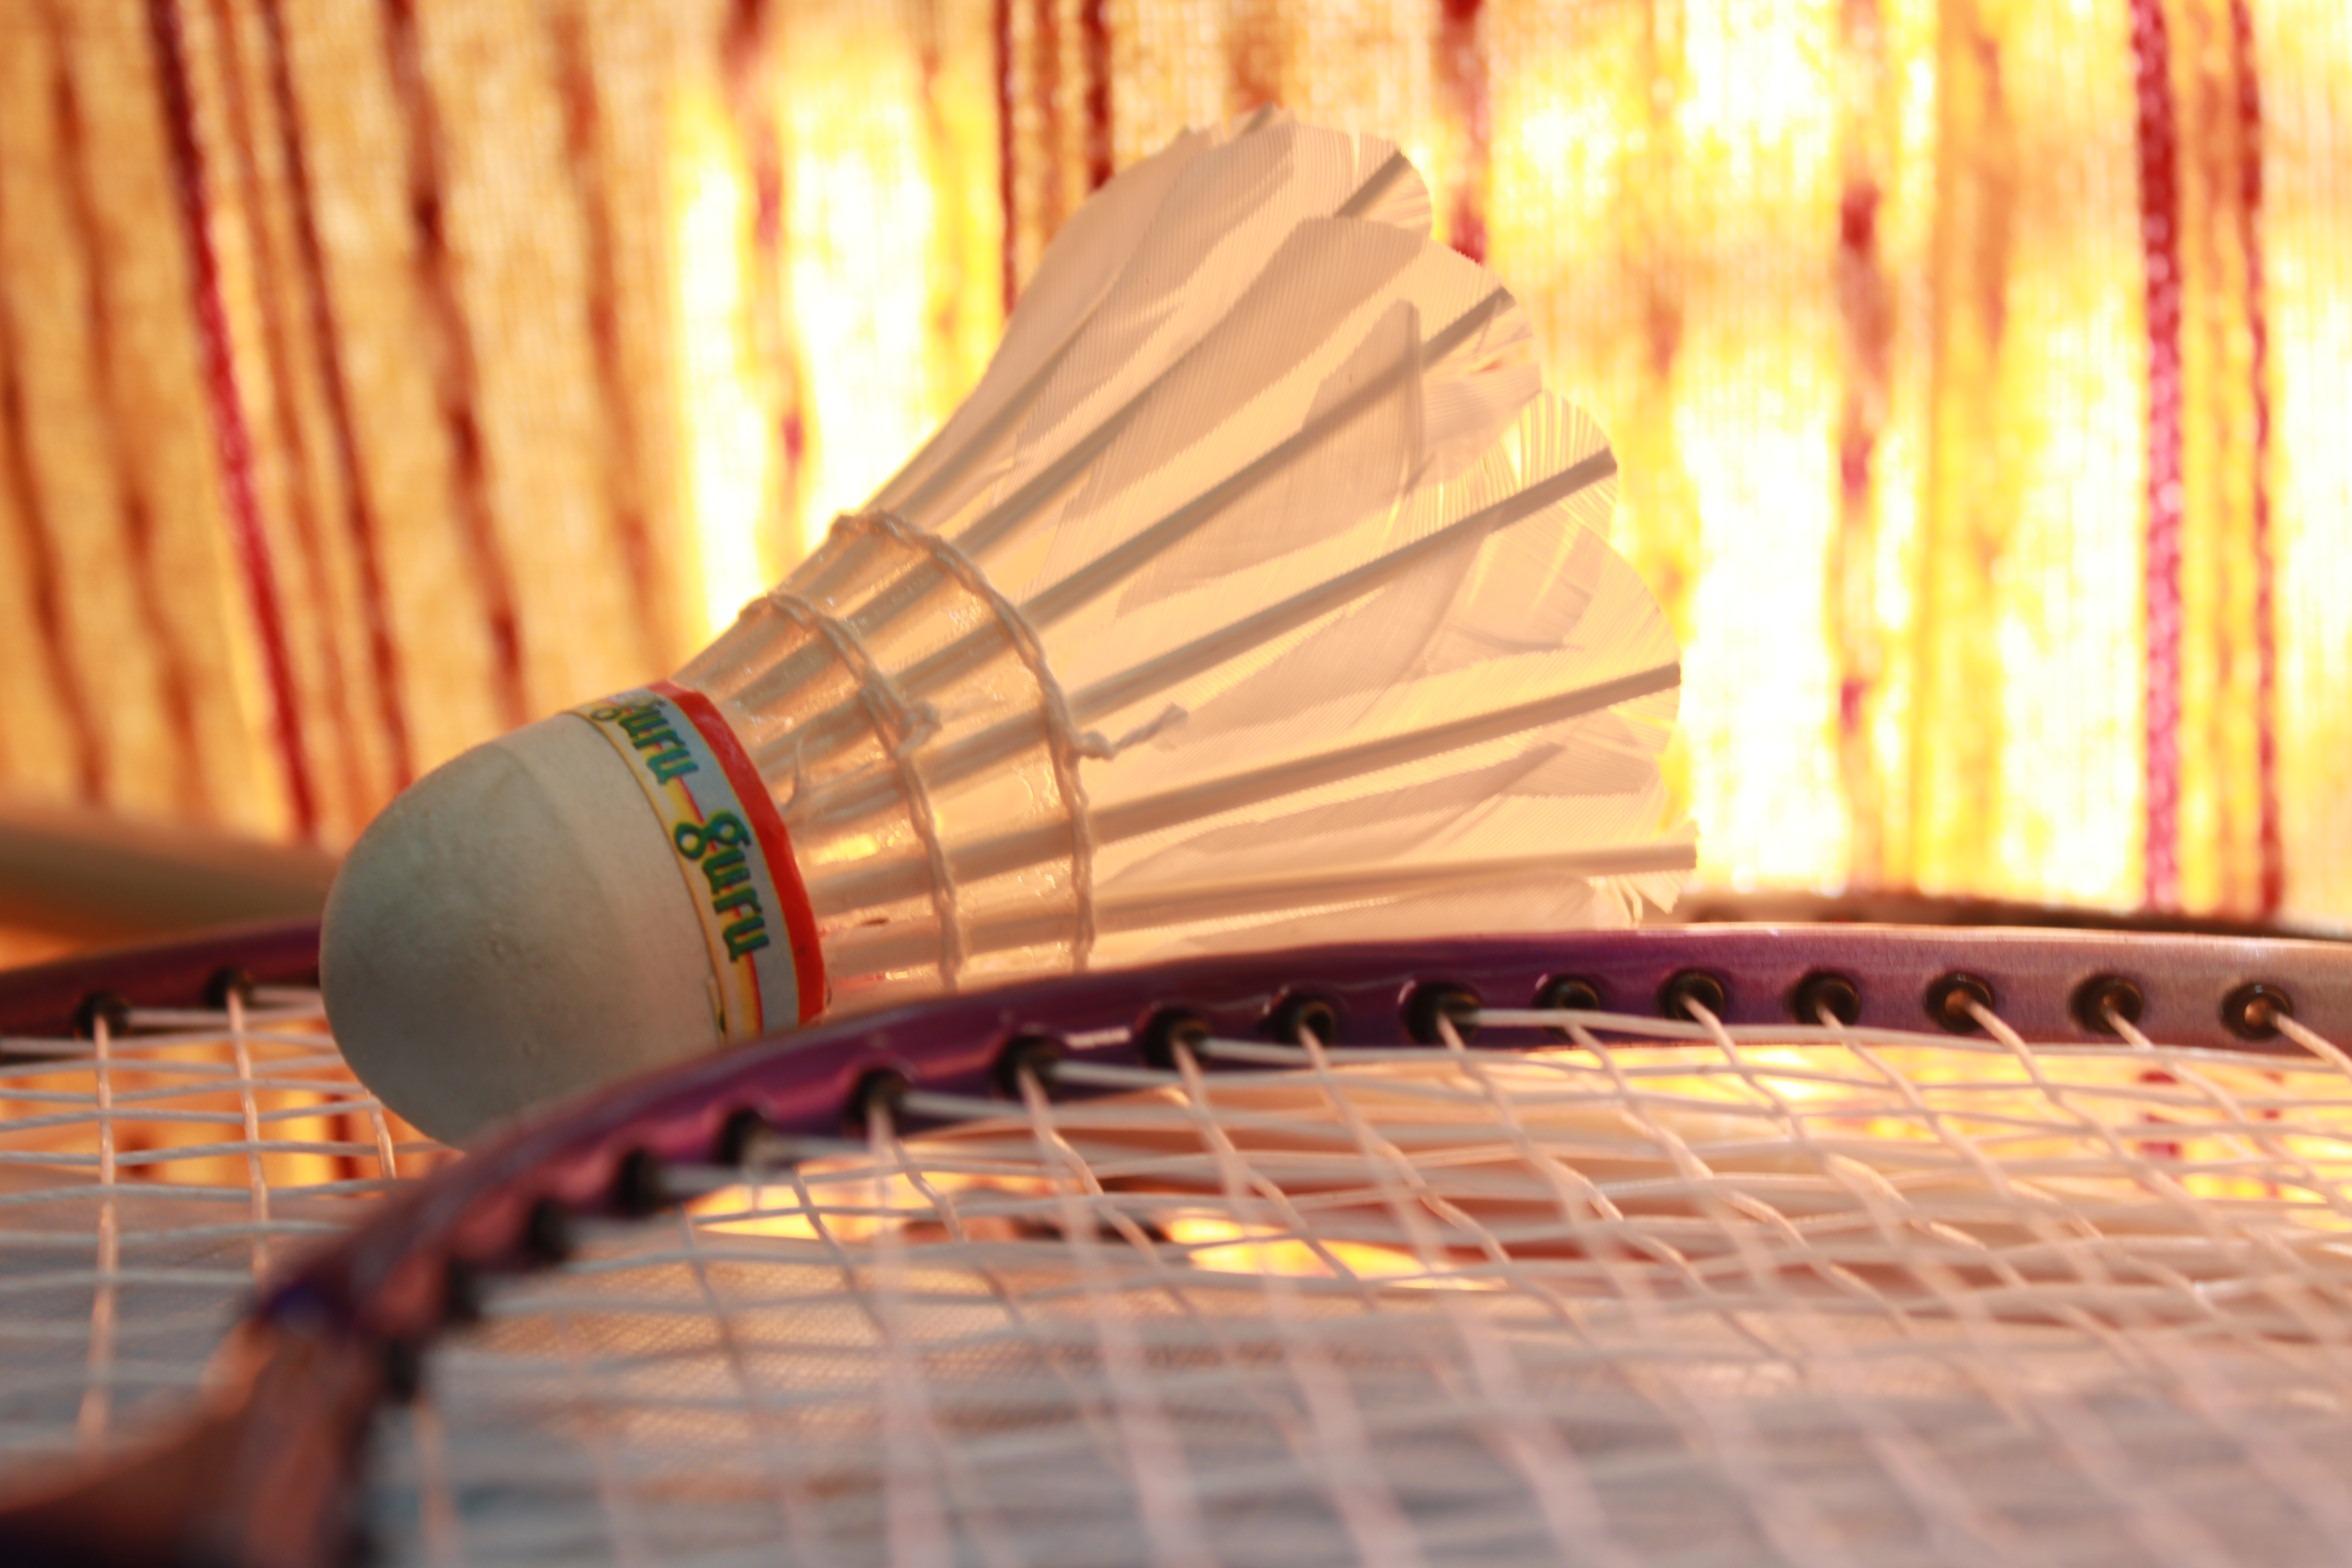 spela Utrustning Färg fritid fjäder musik instrument aktivitet närbild  sporter boll match badminton racket racket fjäderboll bf7d18a87230d